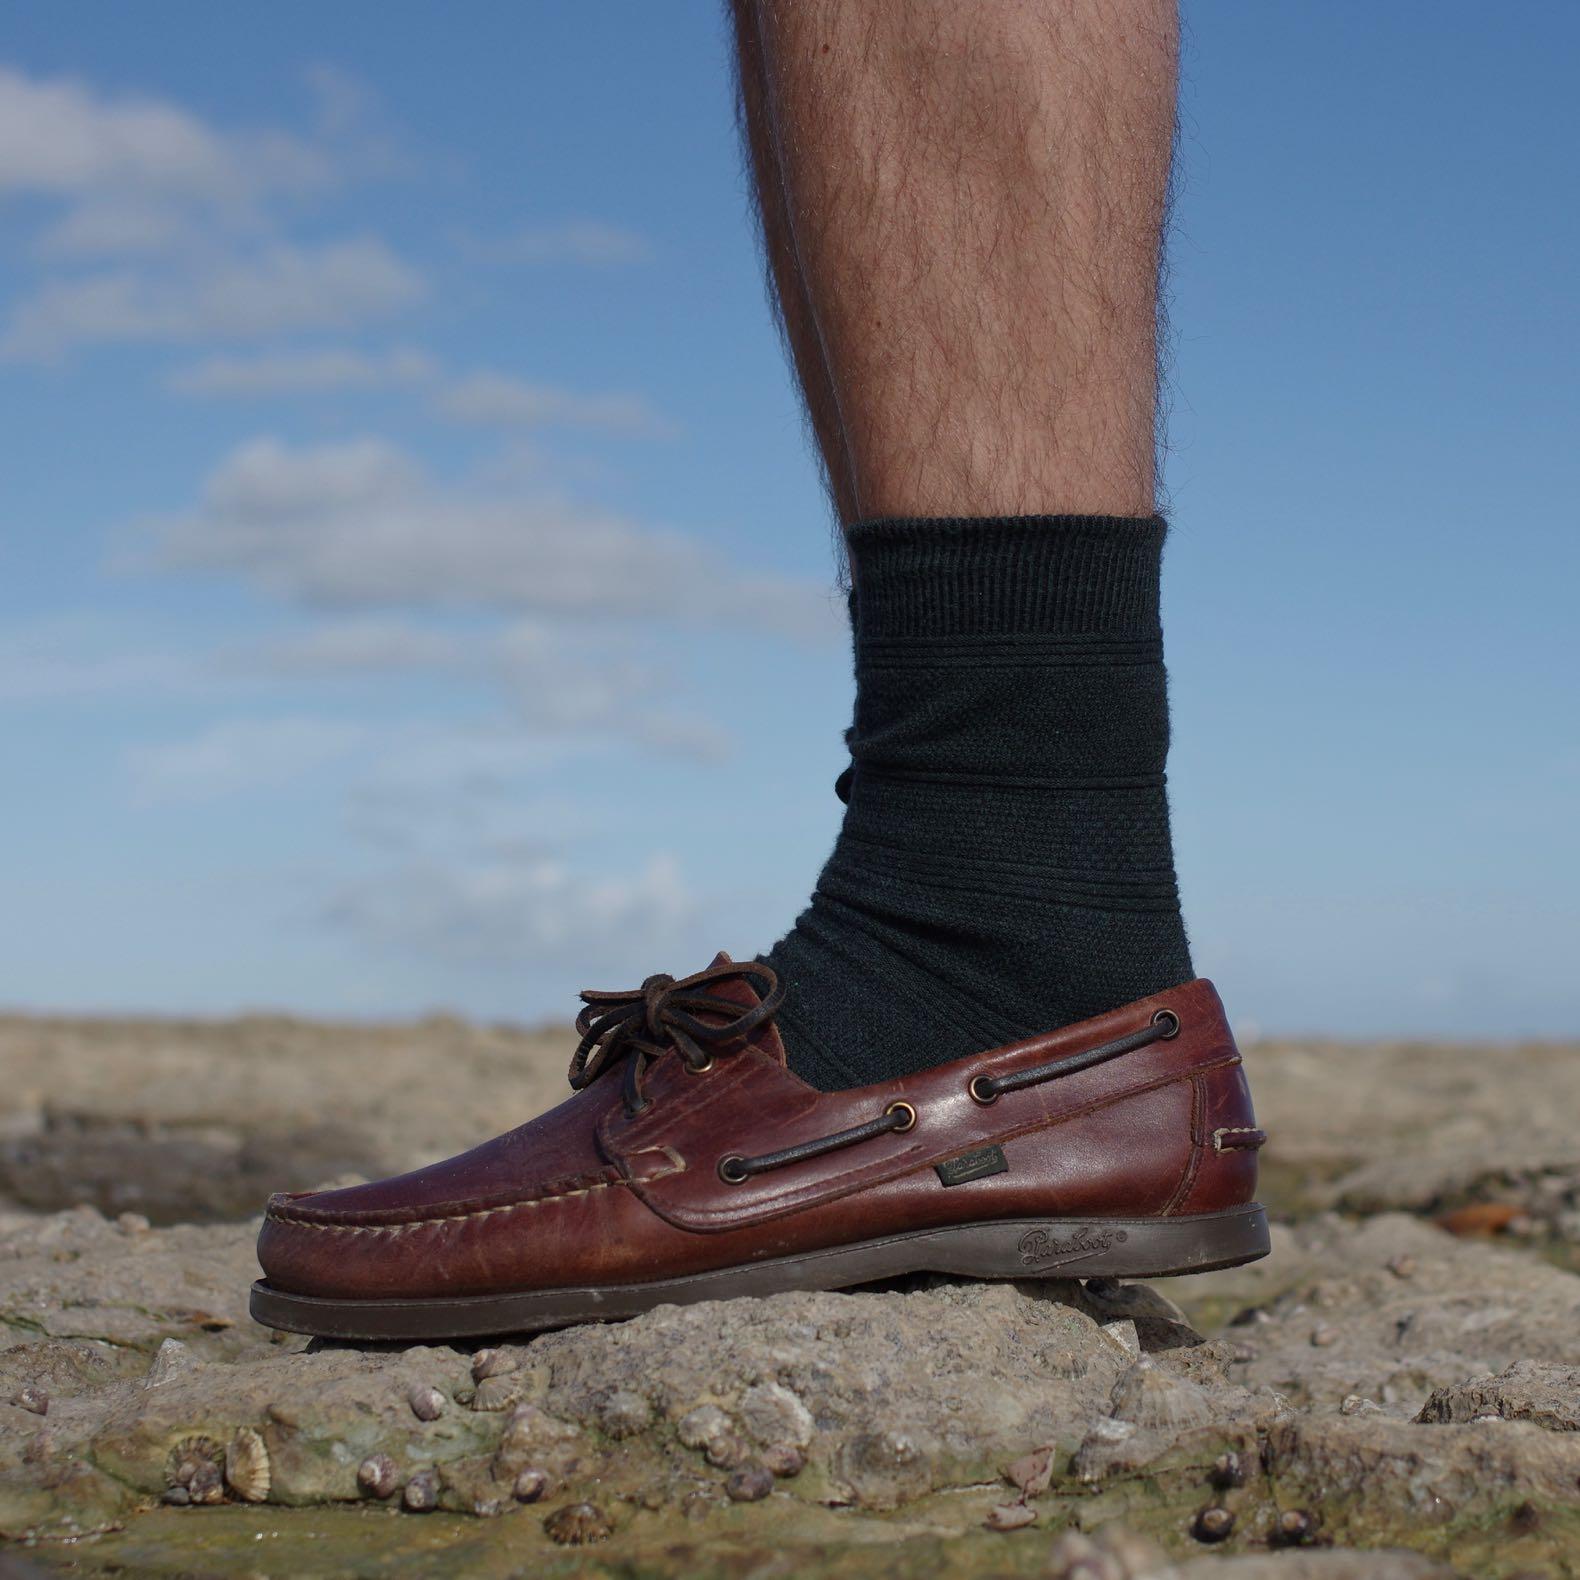 une paire de chaussures bateau en cuir marron de la marque Paraboot, le modèle Barth